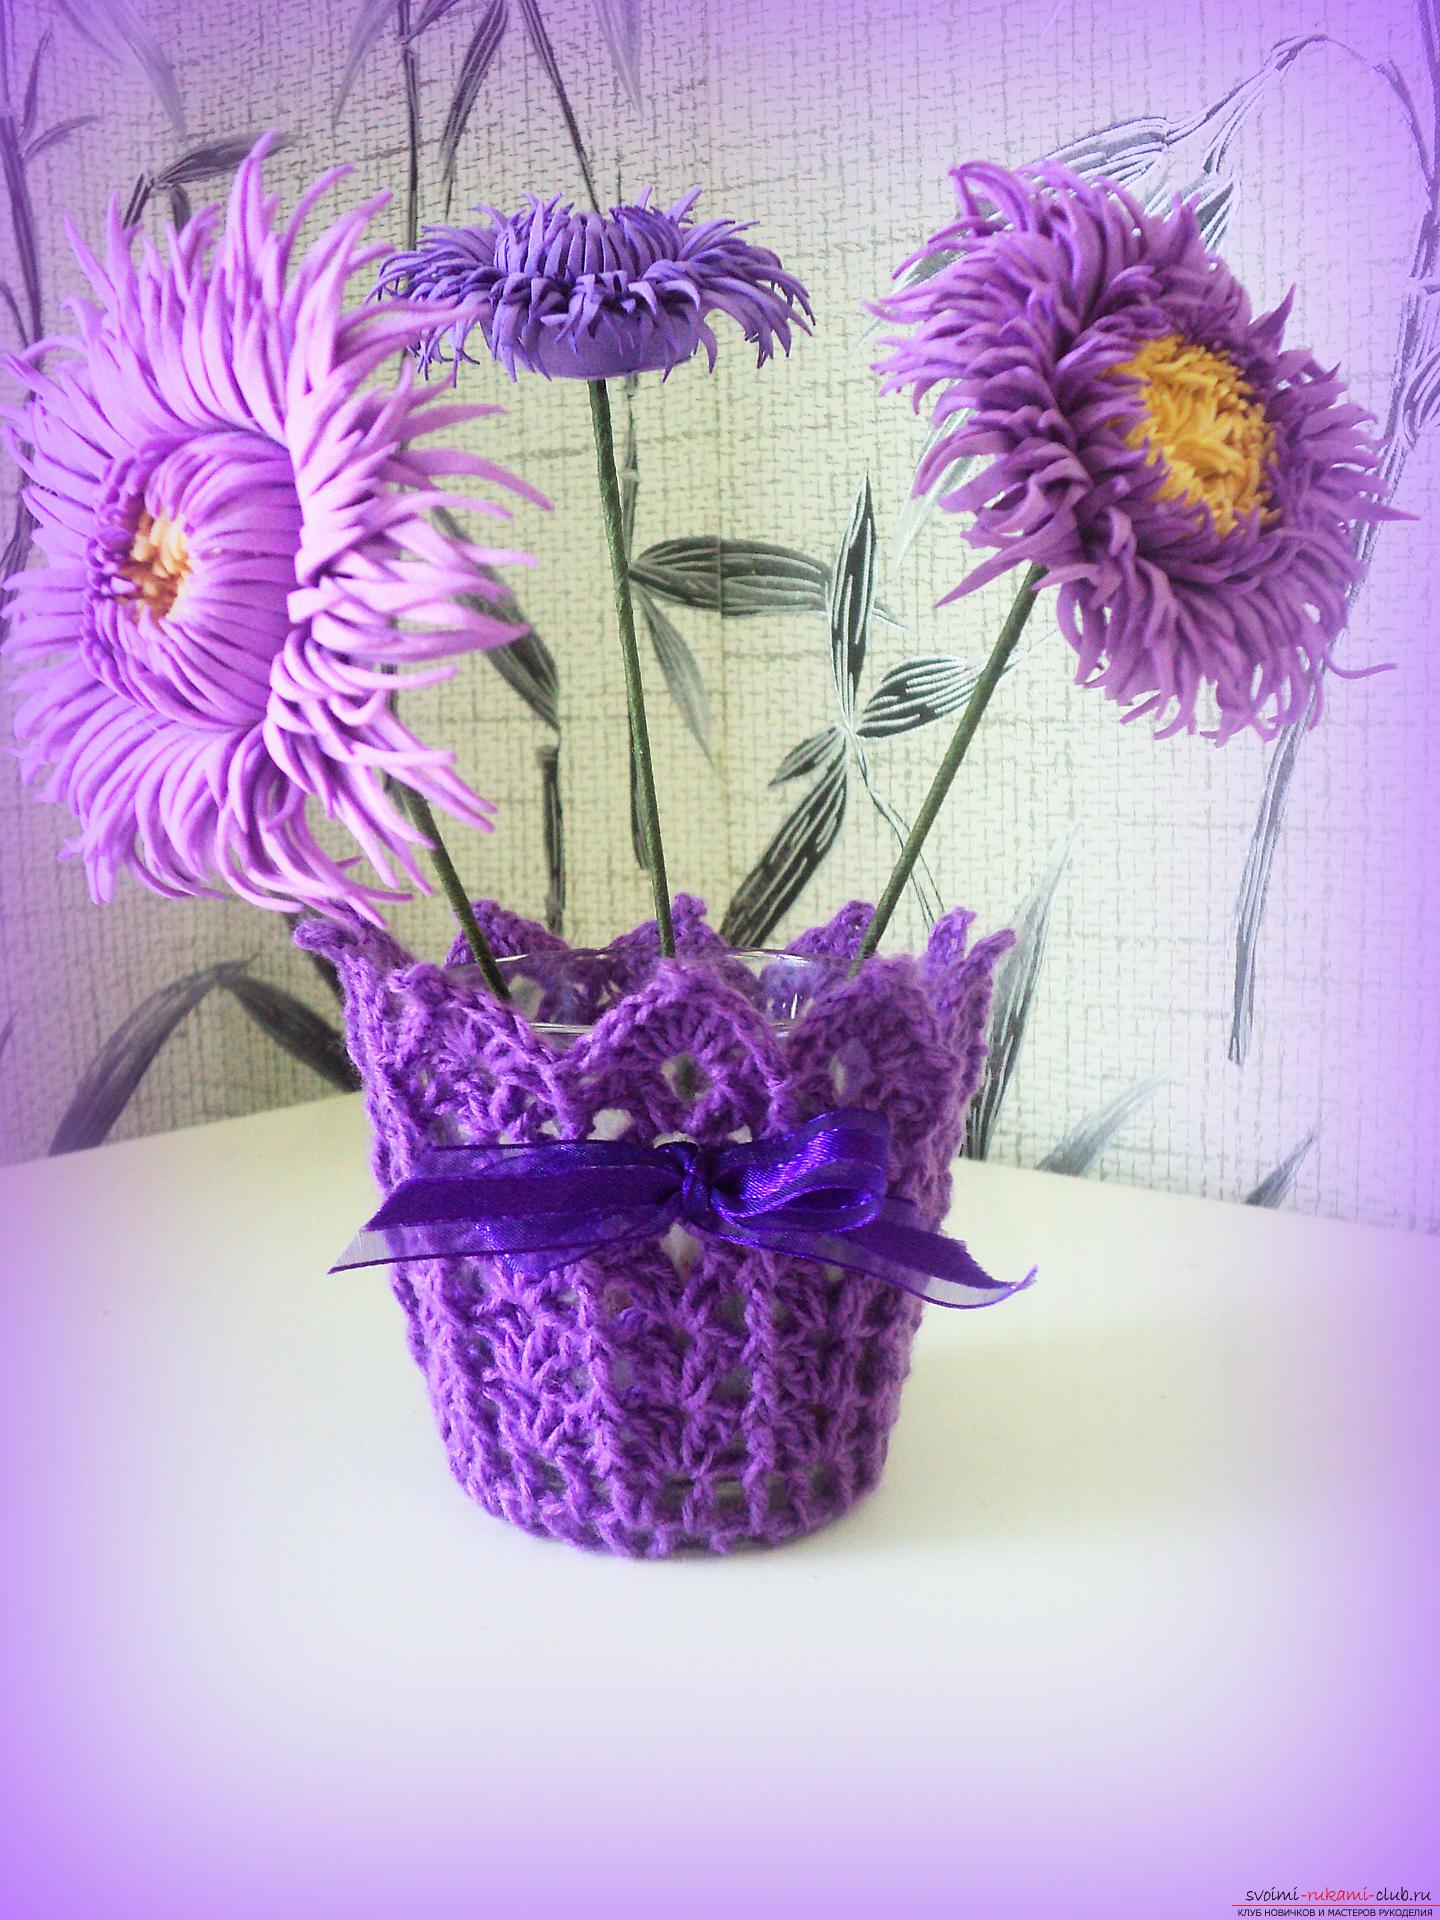 В этом мастер-классе мы будем вязать ажурную вазу крючком по схеме вязания крючком для начинающих.. Фото №1